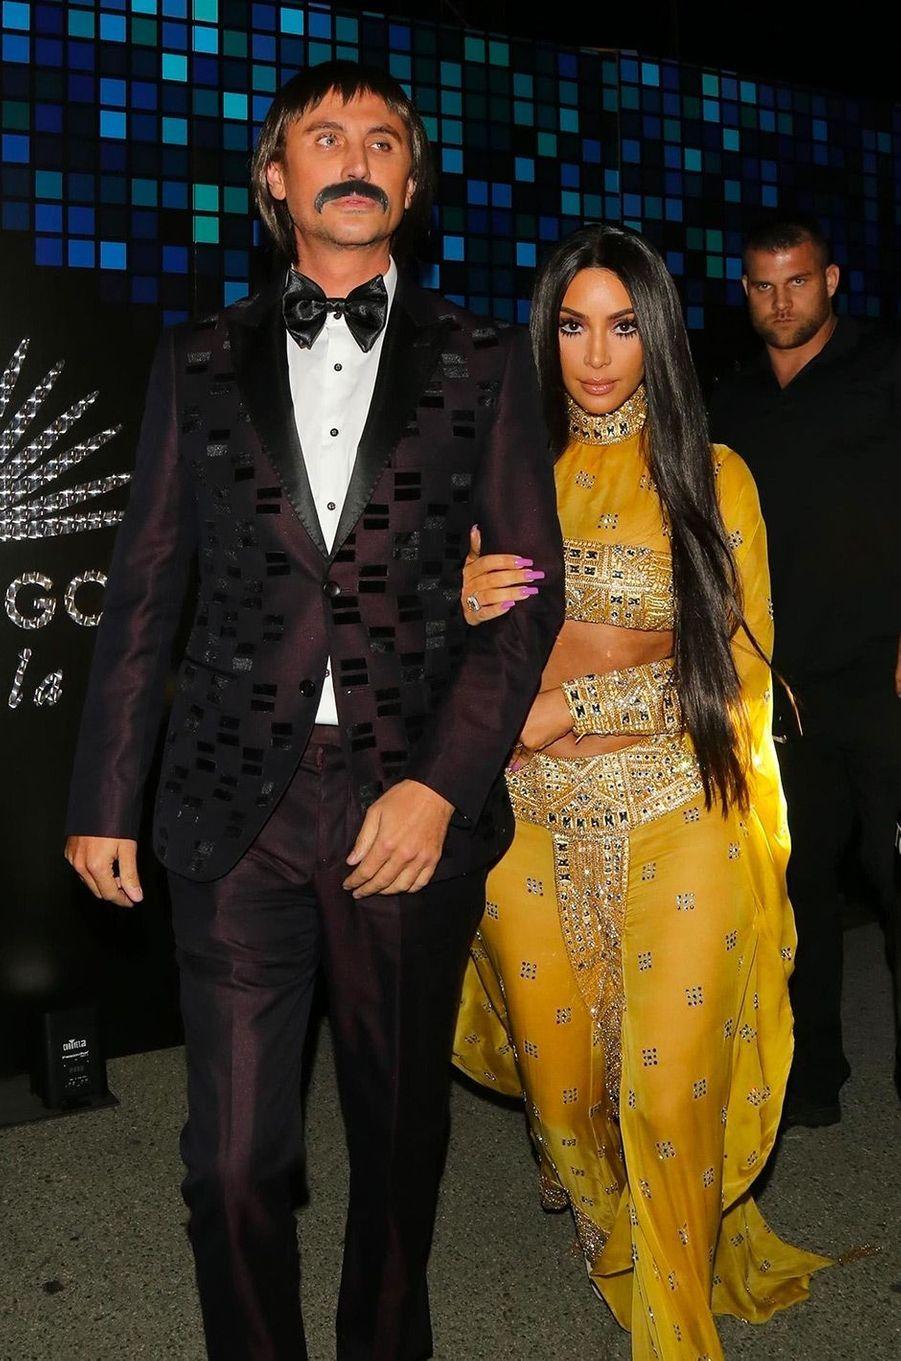 Les déguisements de Kim Kardashian et son ami Jonathan Cheban pour Halloween